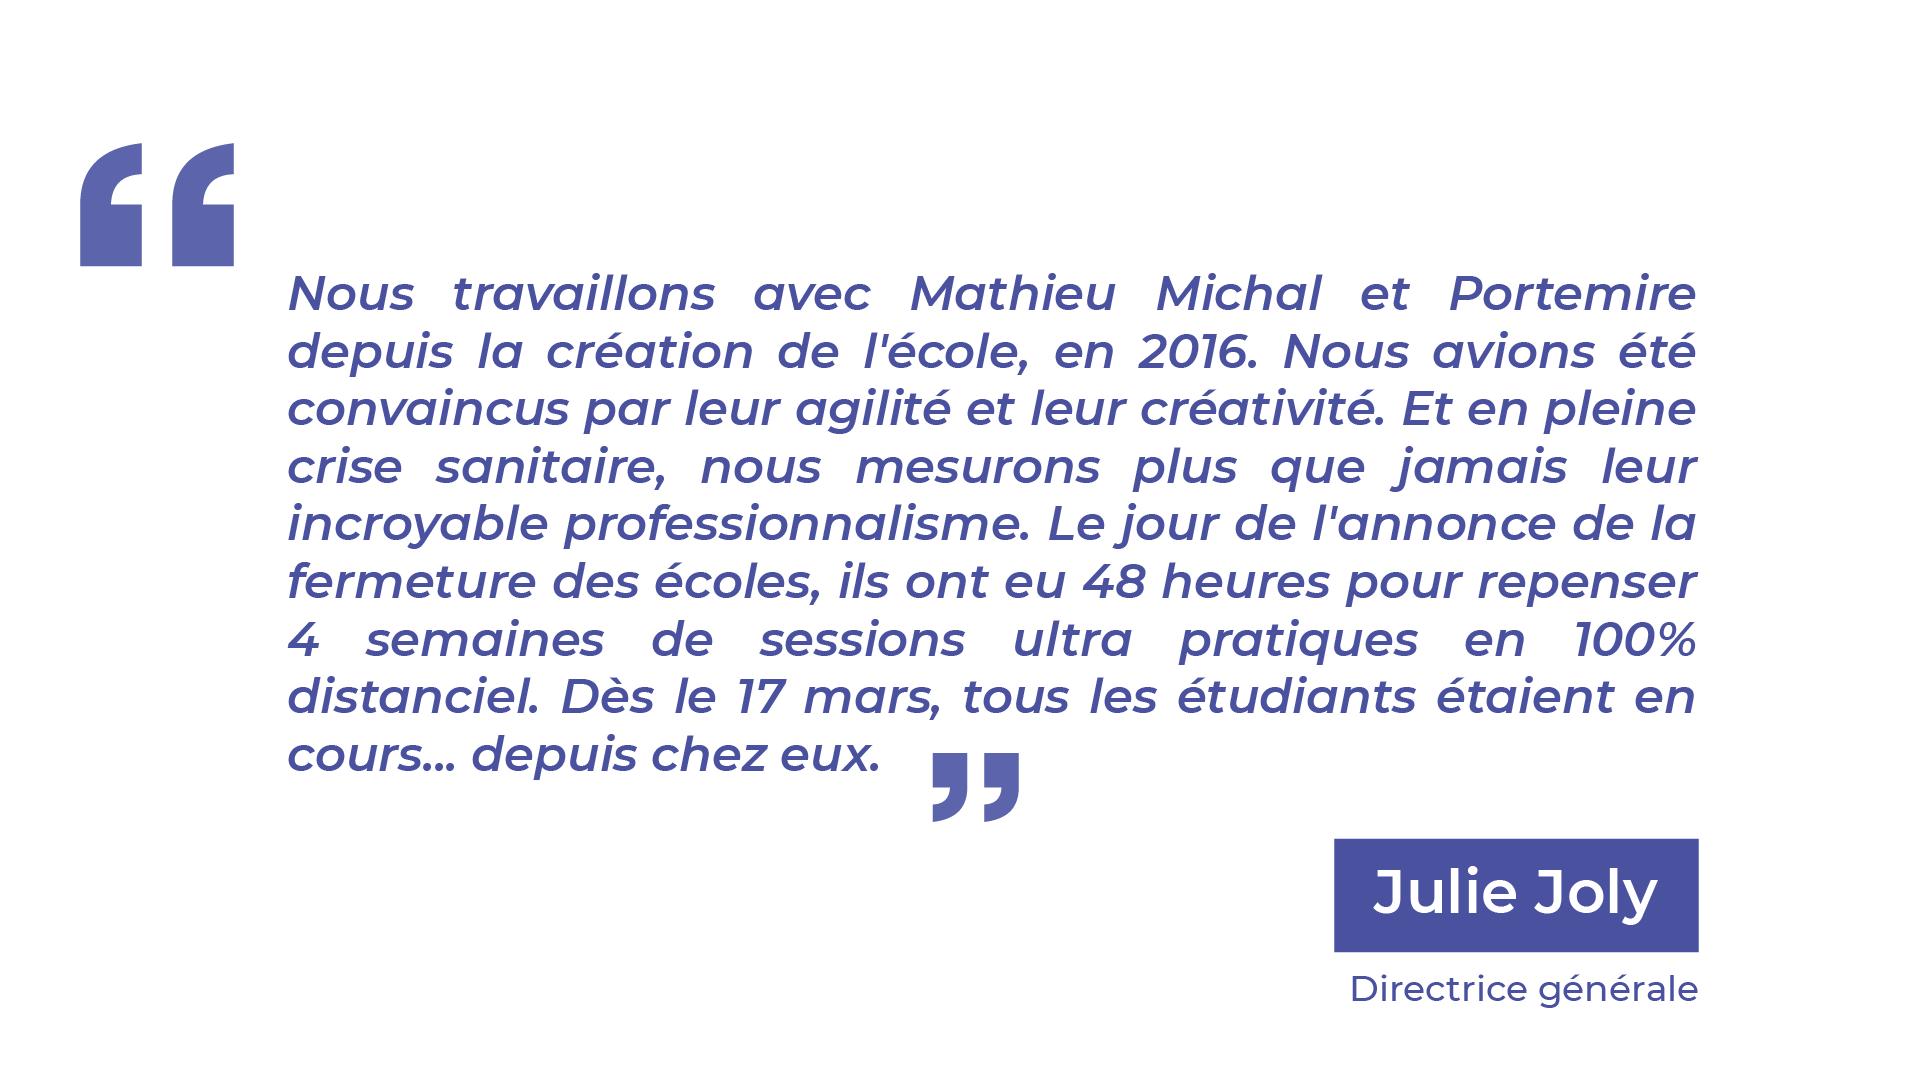 citation_julie-joliePlan de travail 1@2x